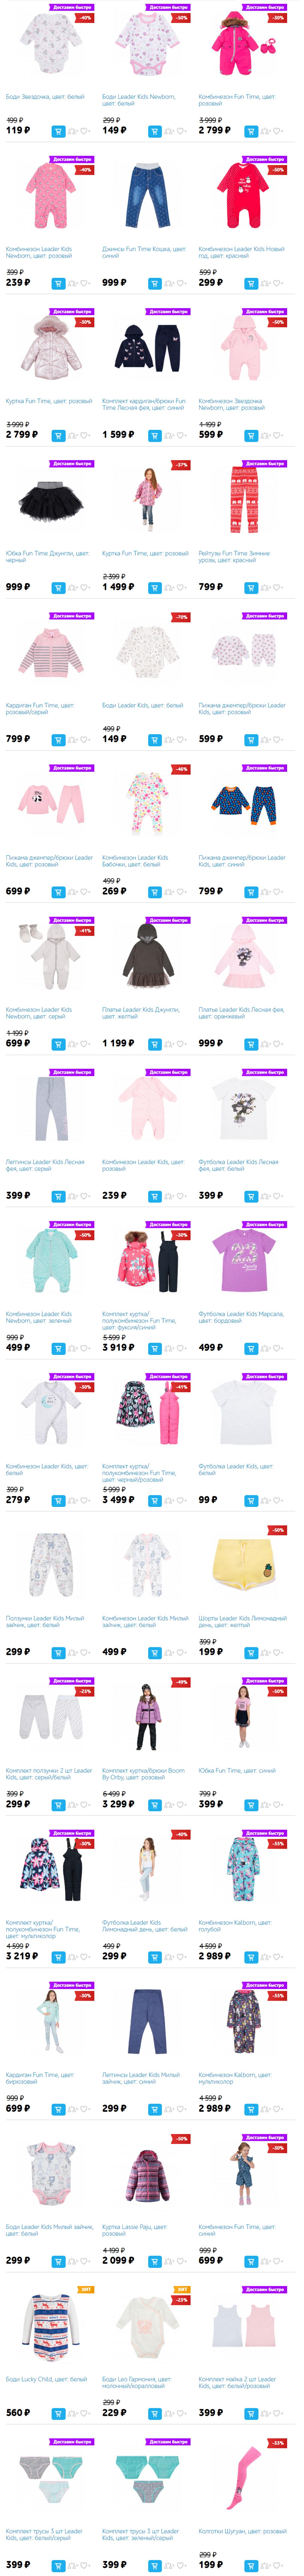 Детская одежда для девочек в каталоге Дочки-Сыночки Тихорецк